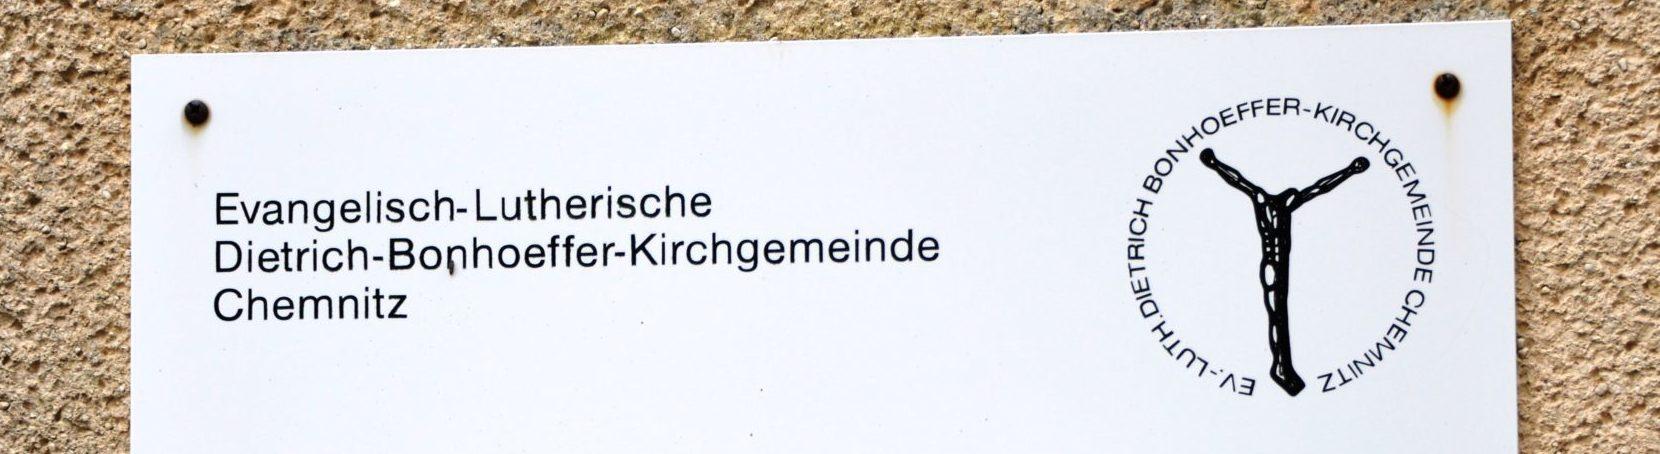 Dietrich-Bonhoeffer-Kirchgemeinde